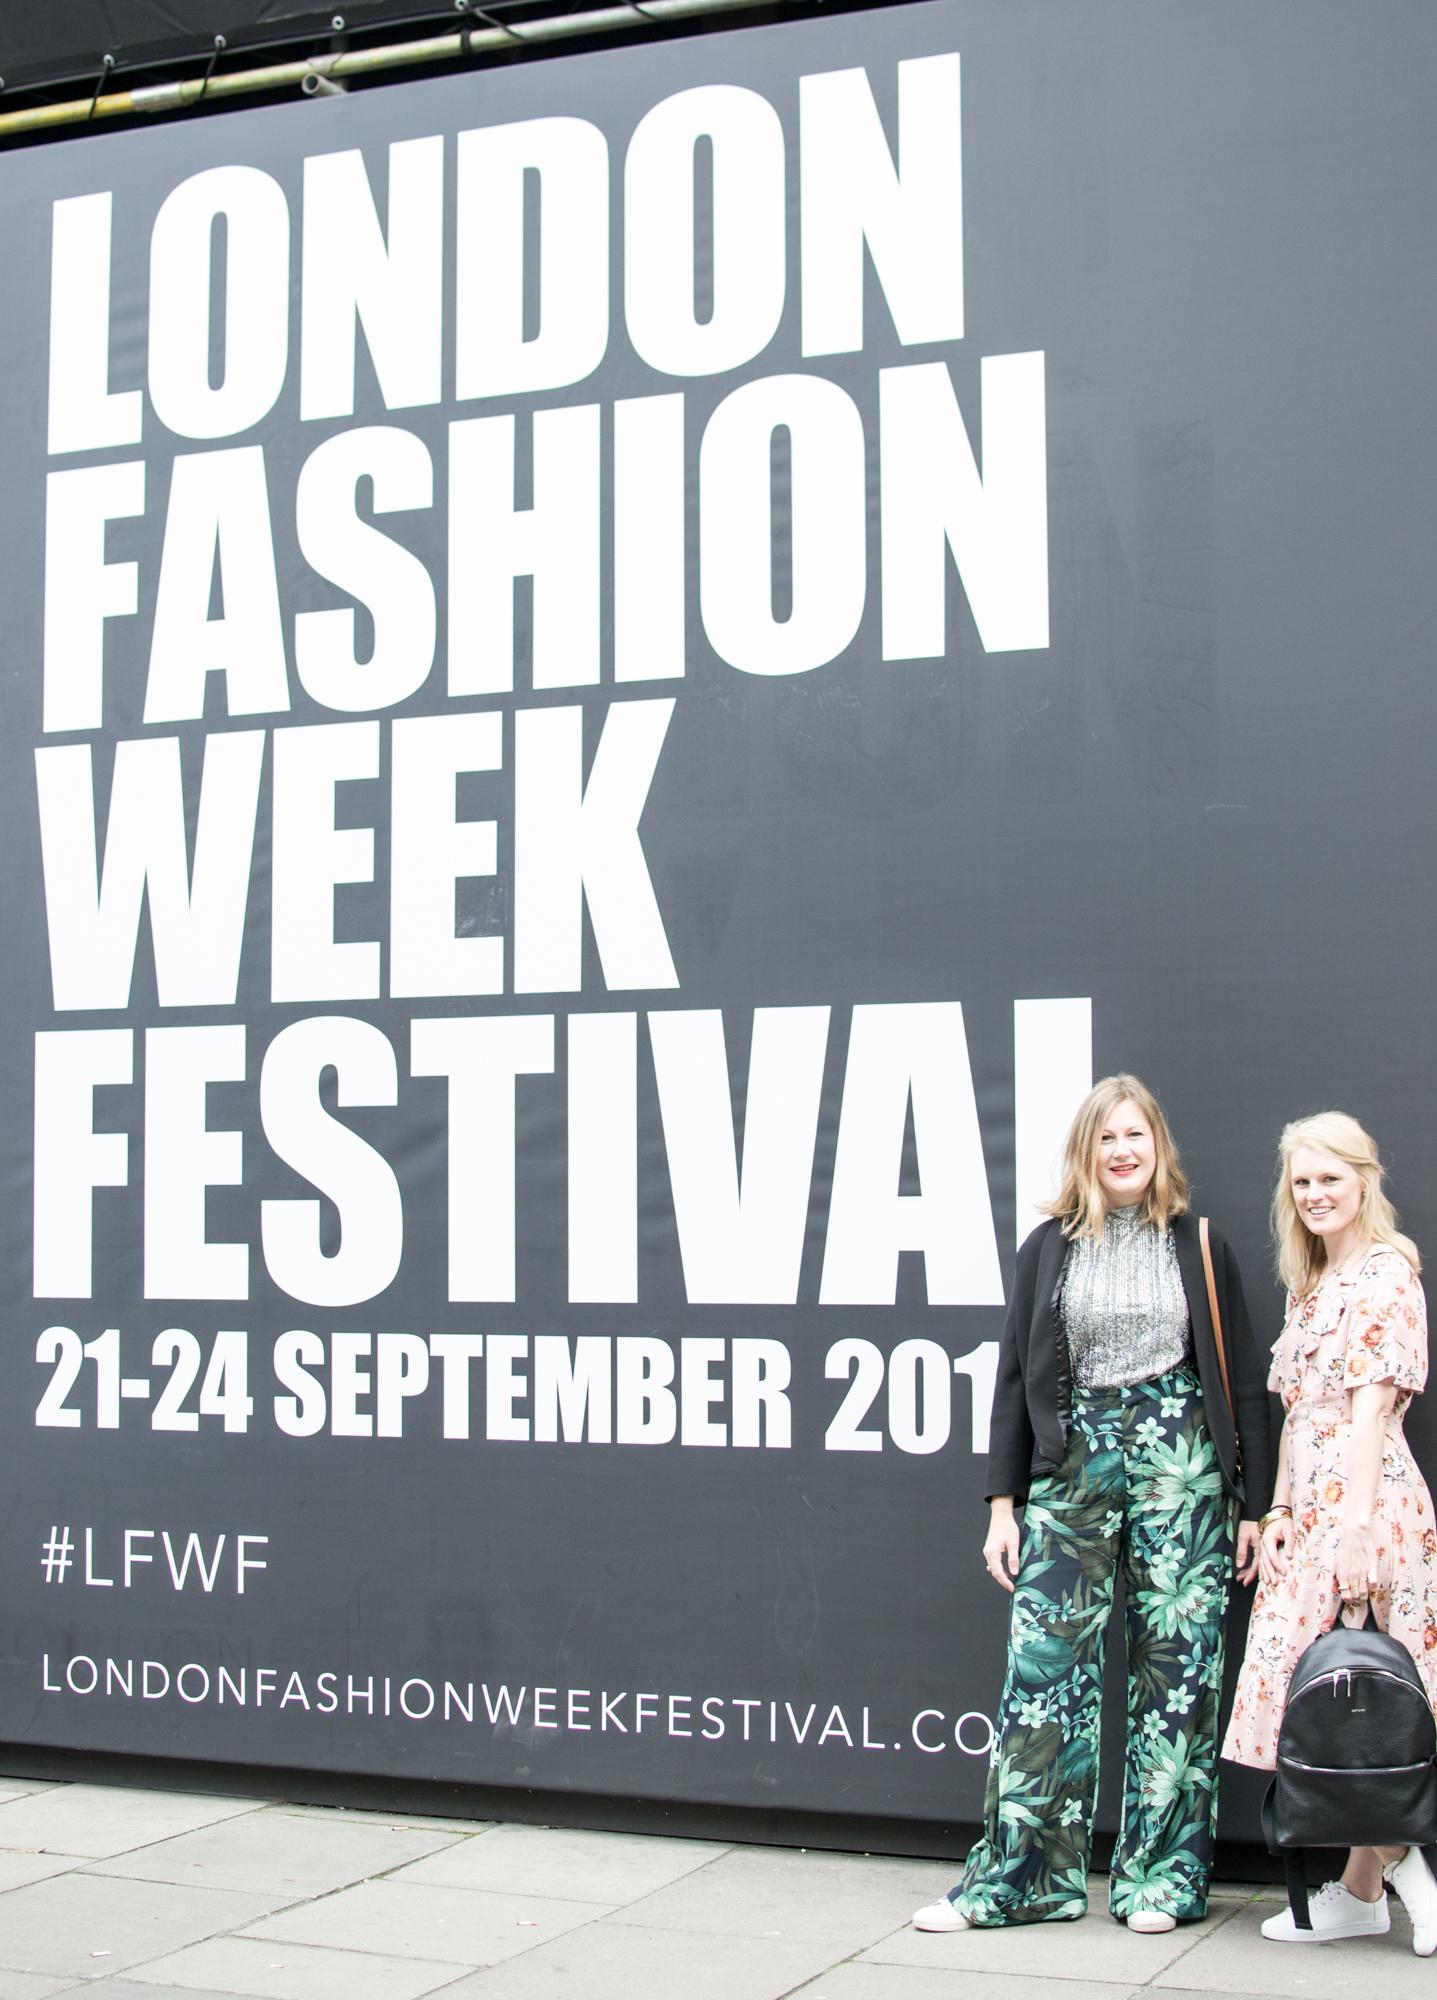 n4mummy and Finlay Fox at London Fashion Week Festival